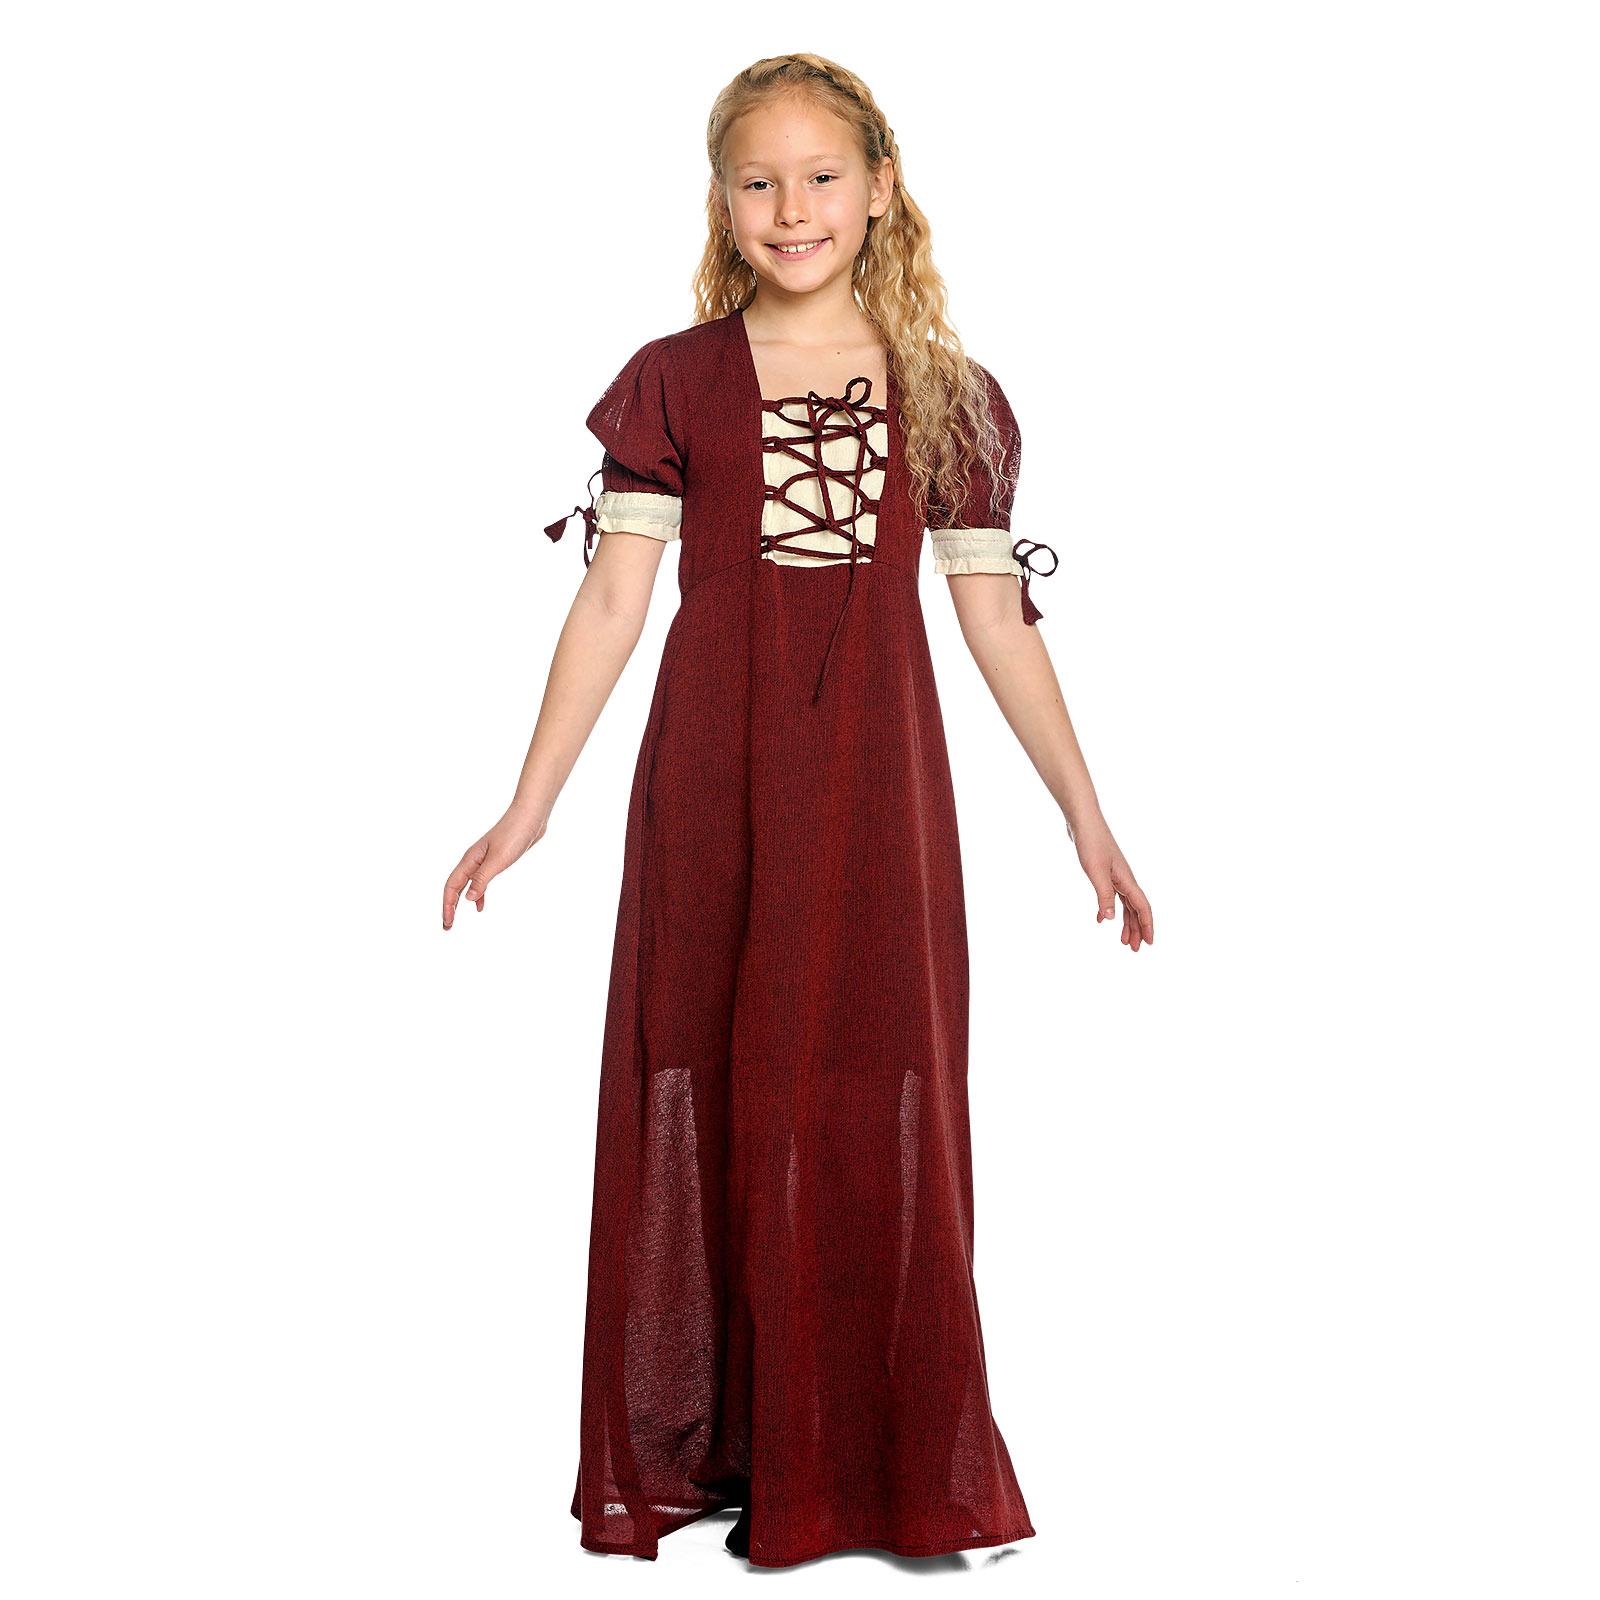 Mittelalter Sommer Kleid Kinder rot beige